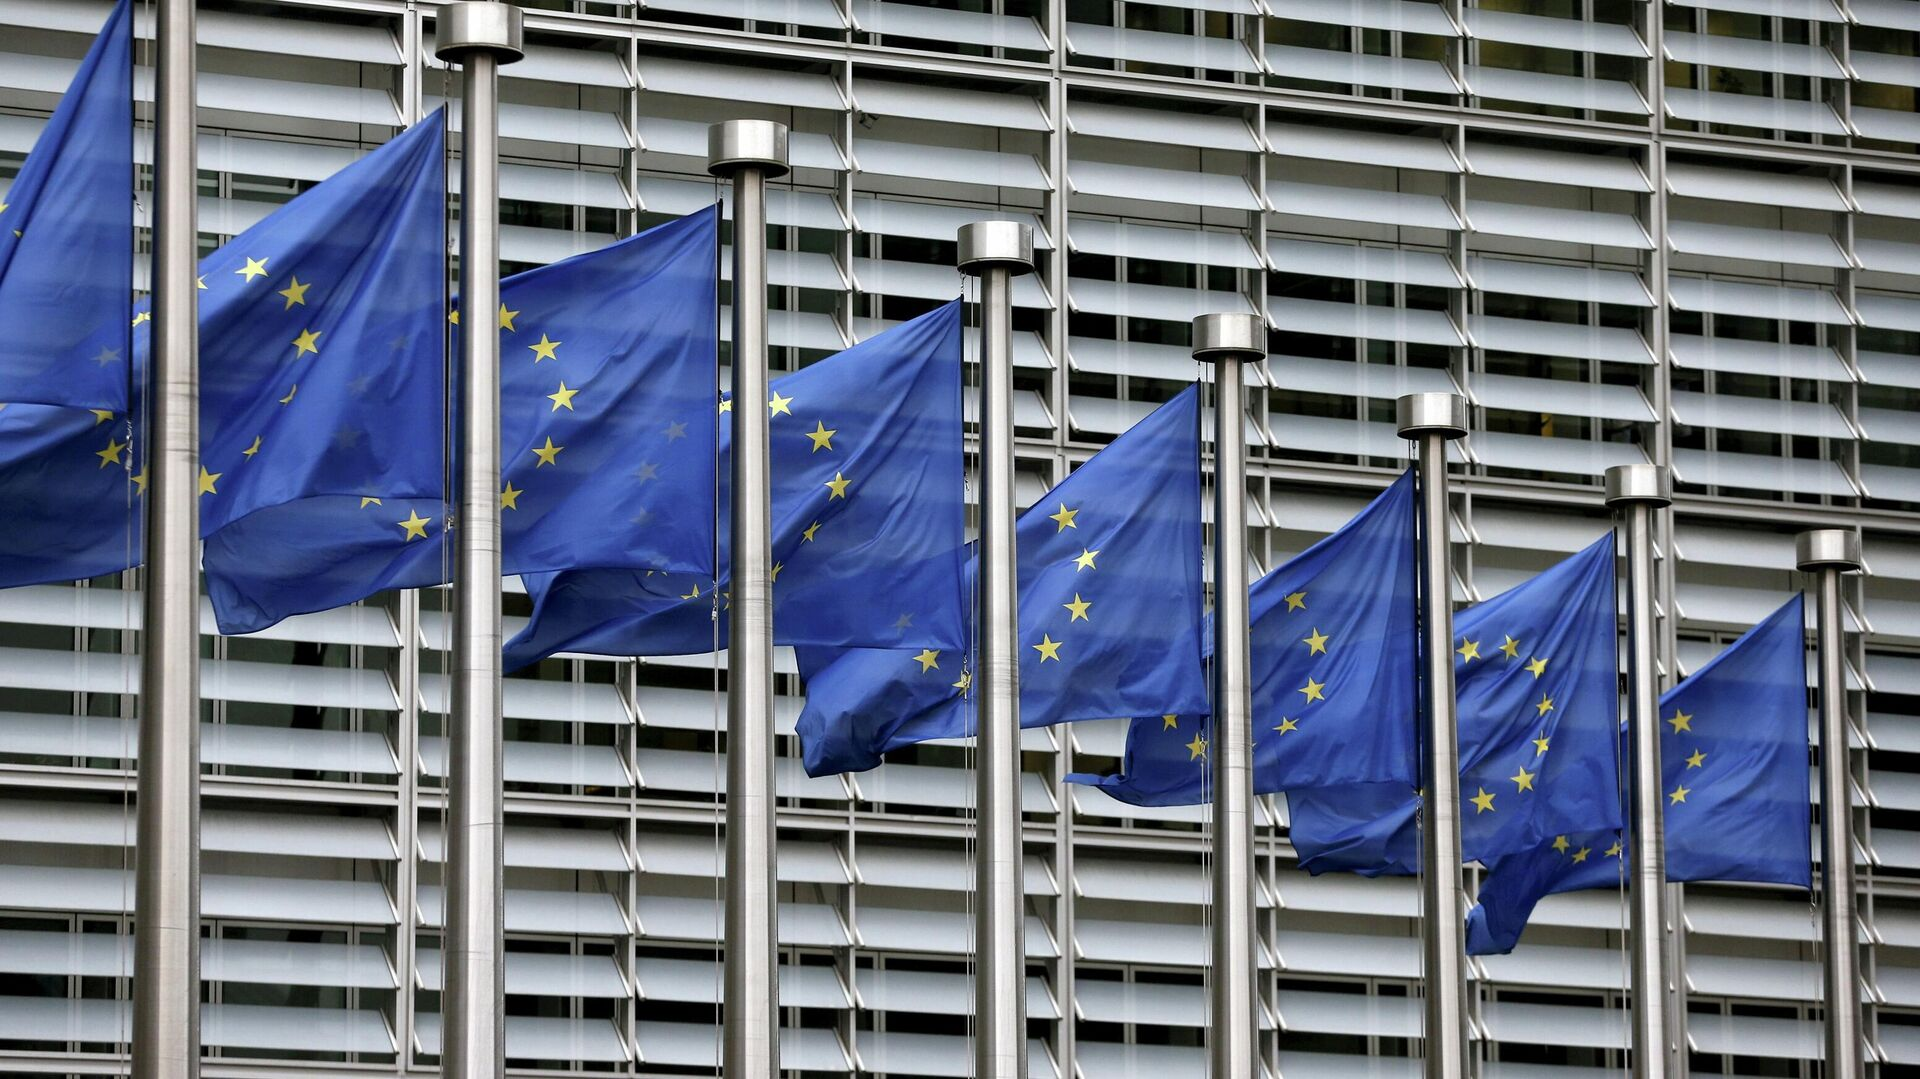 Bandera de la UE - Sputnik Mundo, 1920, 18.03.2021